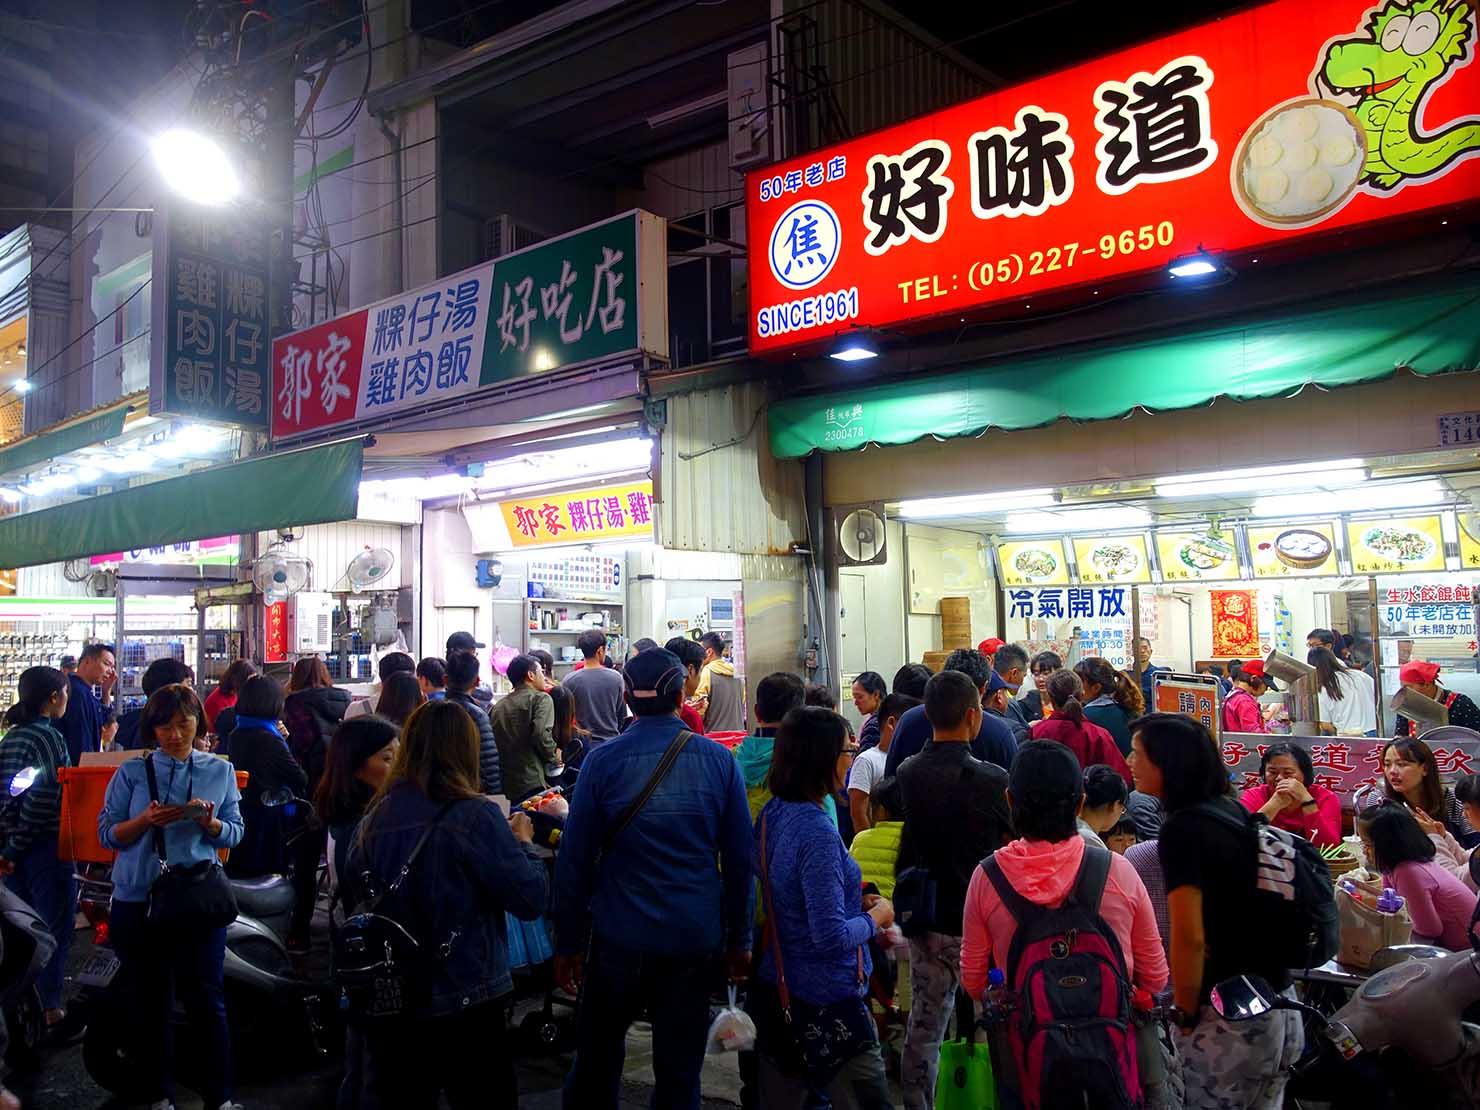 嘉義のおすすめ観光スポット「文化路夜市」行列のできる人気グルメ店